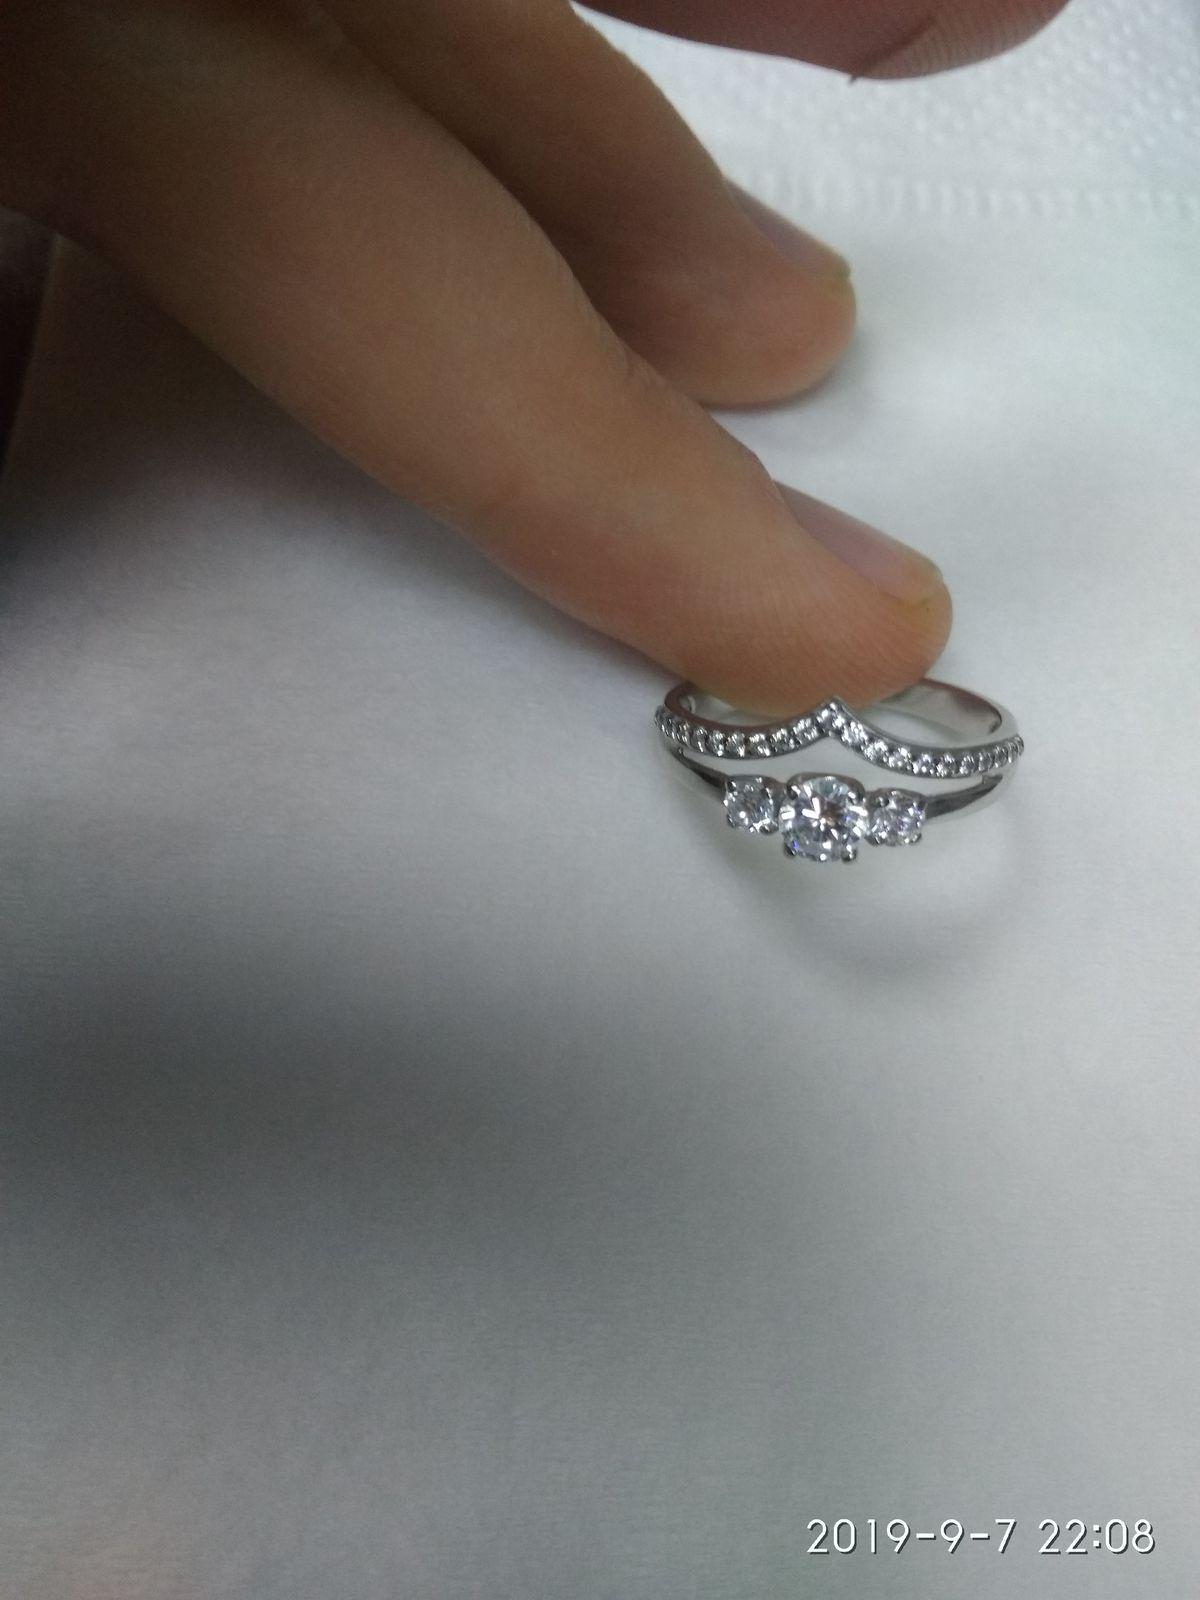 Колечко очень красивое и аккуратно смотрится на тонком пальчике.